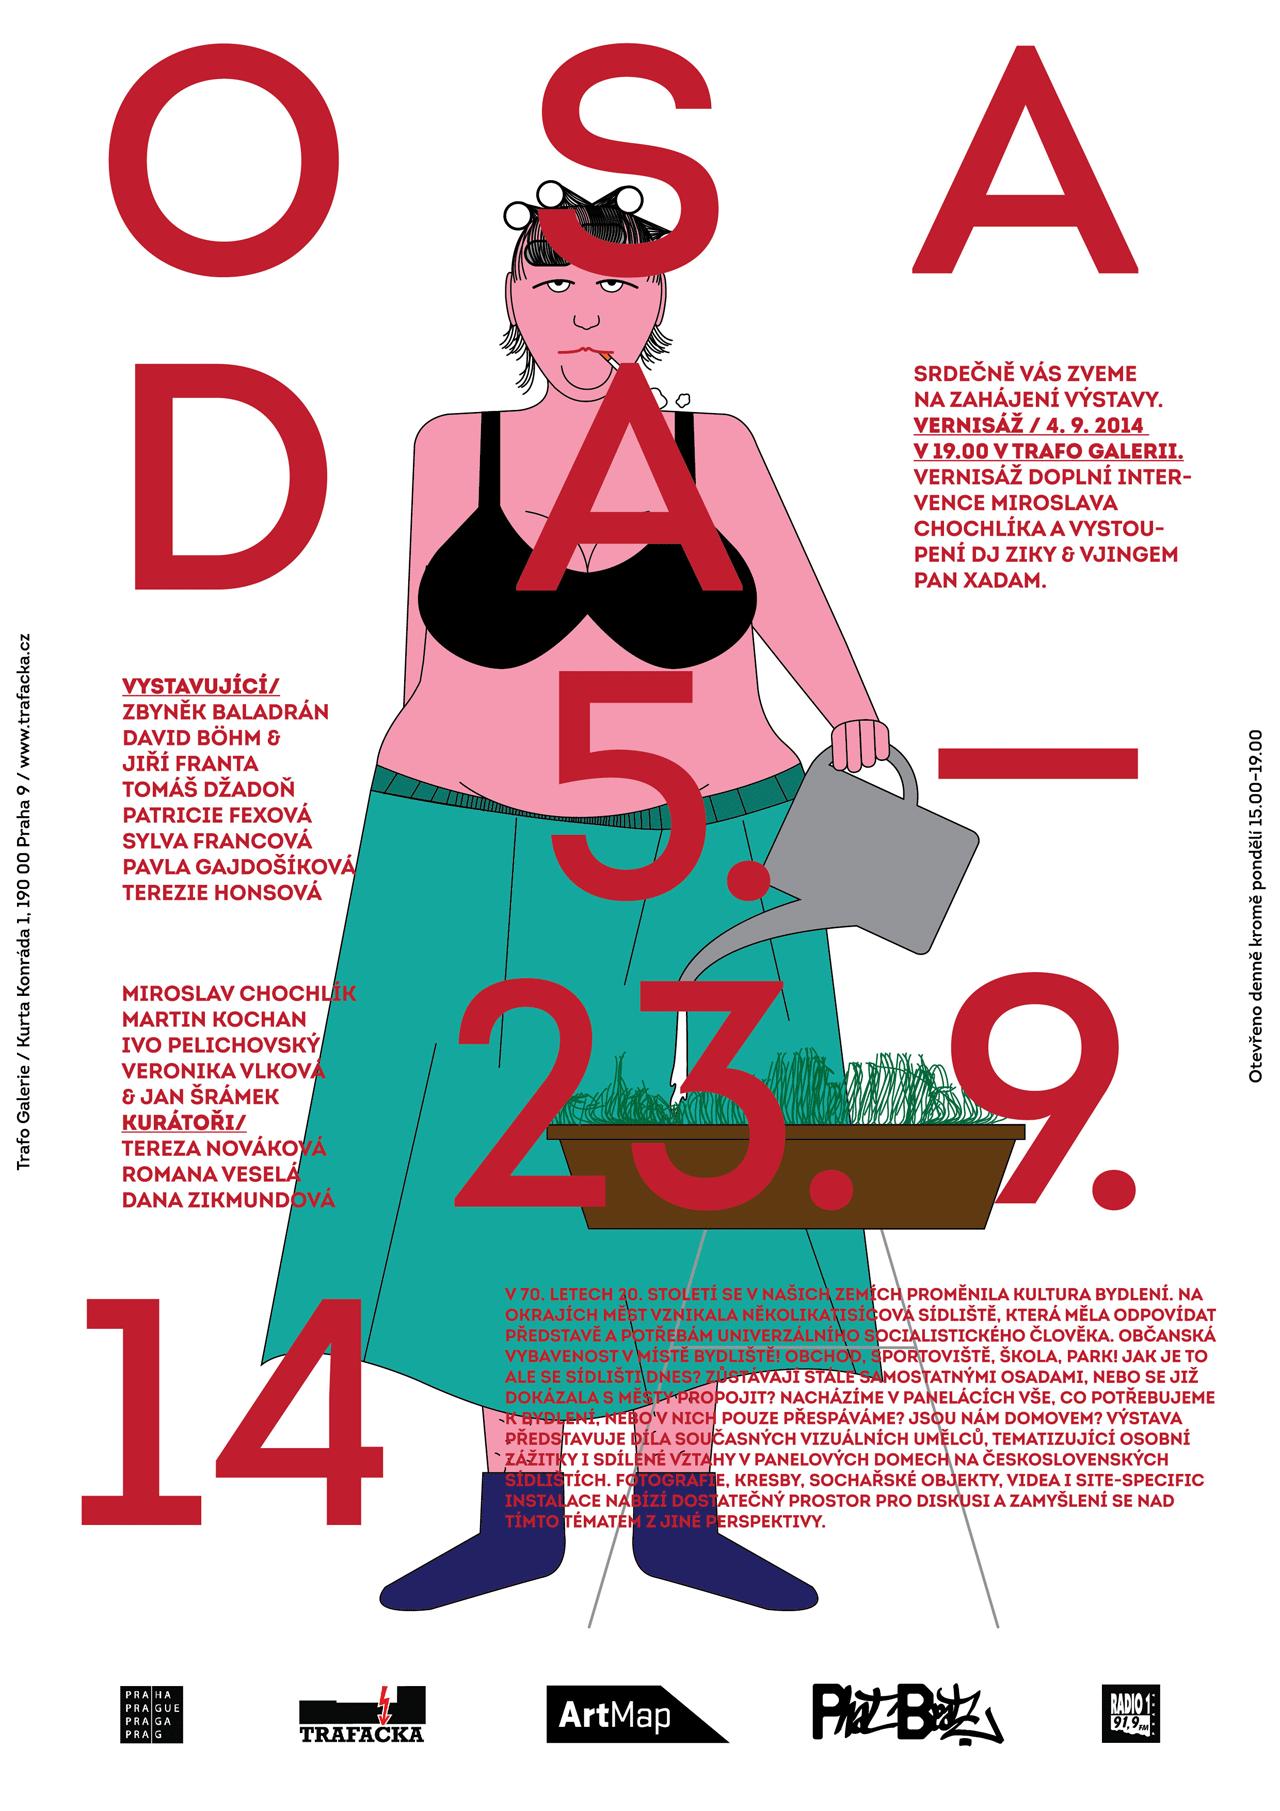 OSADA - Traffo Gallery